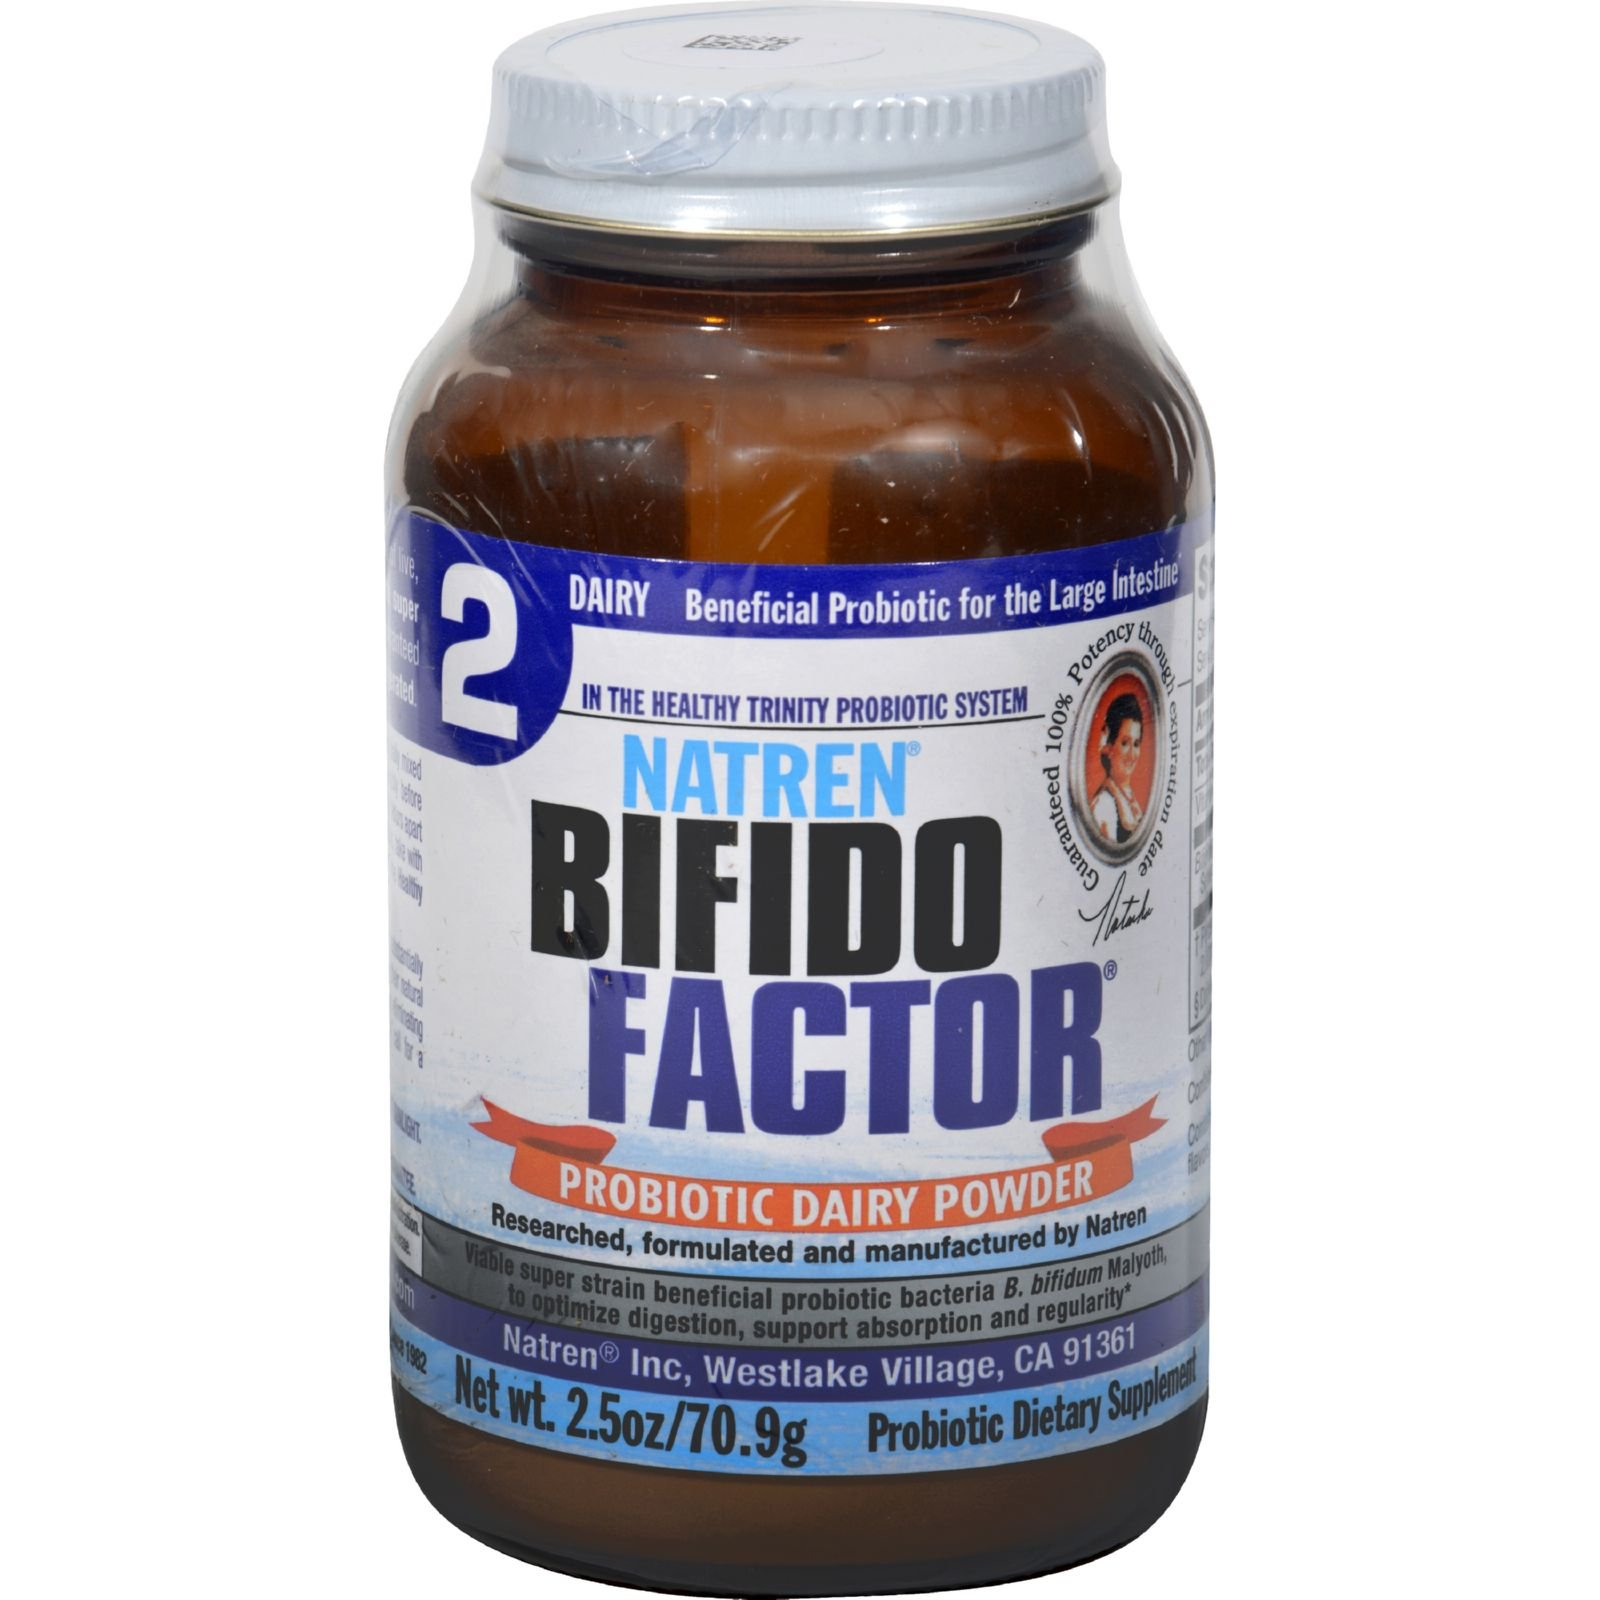 Natren Bifido Factor - Probiotic Dairy Powder - 2.5 Ounce (Pack of 3) by Natren